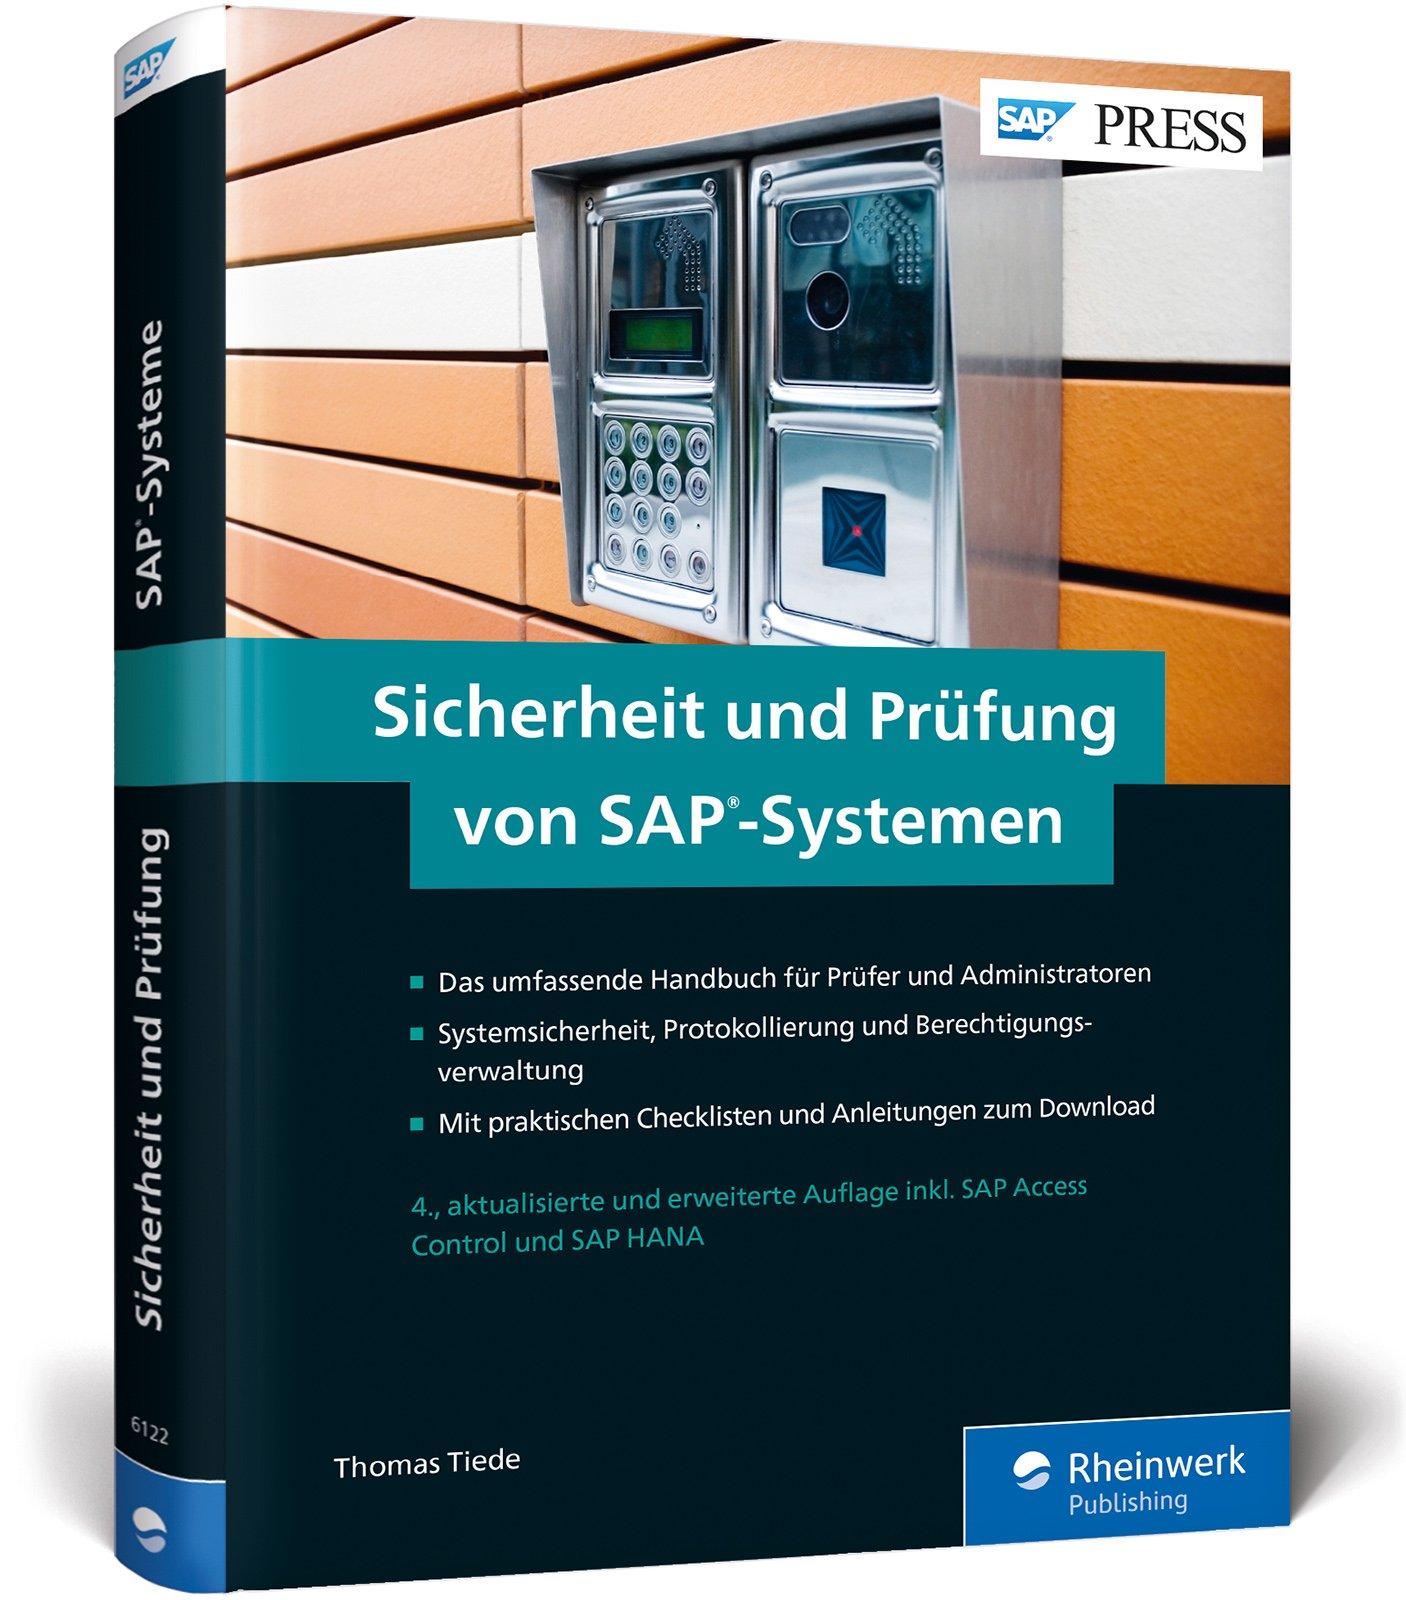 """Sicherheit und Prüfung von SAP-Systemen: Die Neuauflage von """"Ordnungsmäßigkeit und Prüfung des SAP-Systems (OPSAP)"""" (SAP PRESS)"""